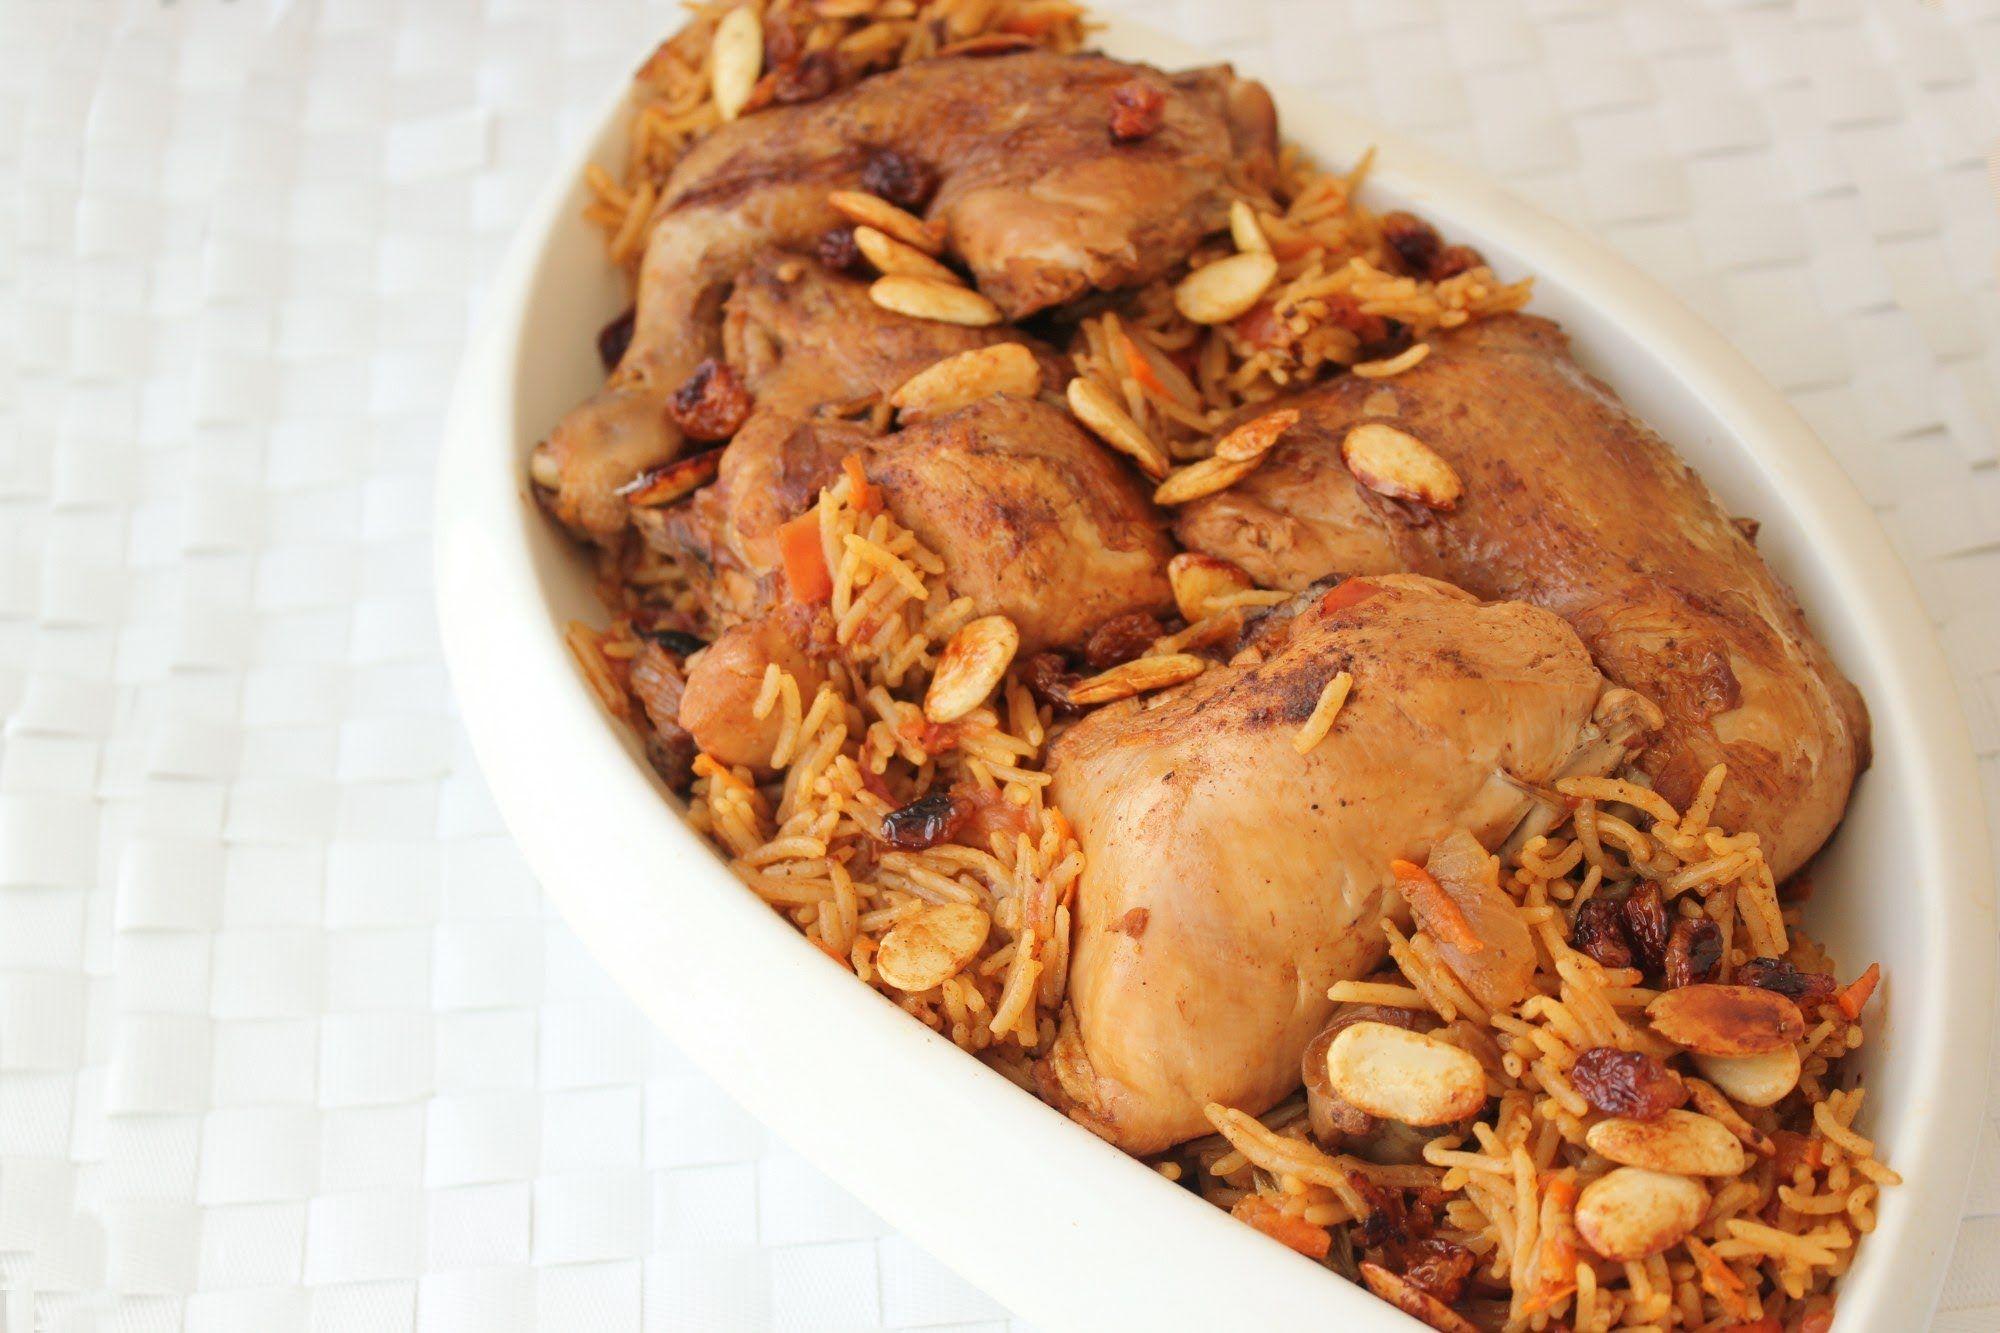 Chicken kabsa recipe rice and chicken chicken kabsa recipe rice and chicken kabsa recipemiddle eastern foodkitchen forumfinder Image collections